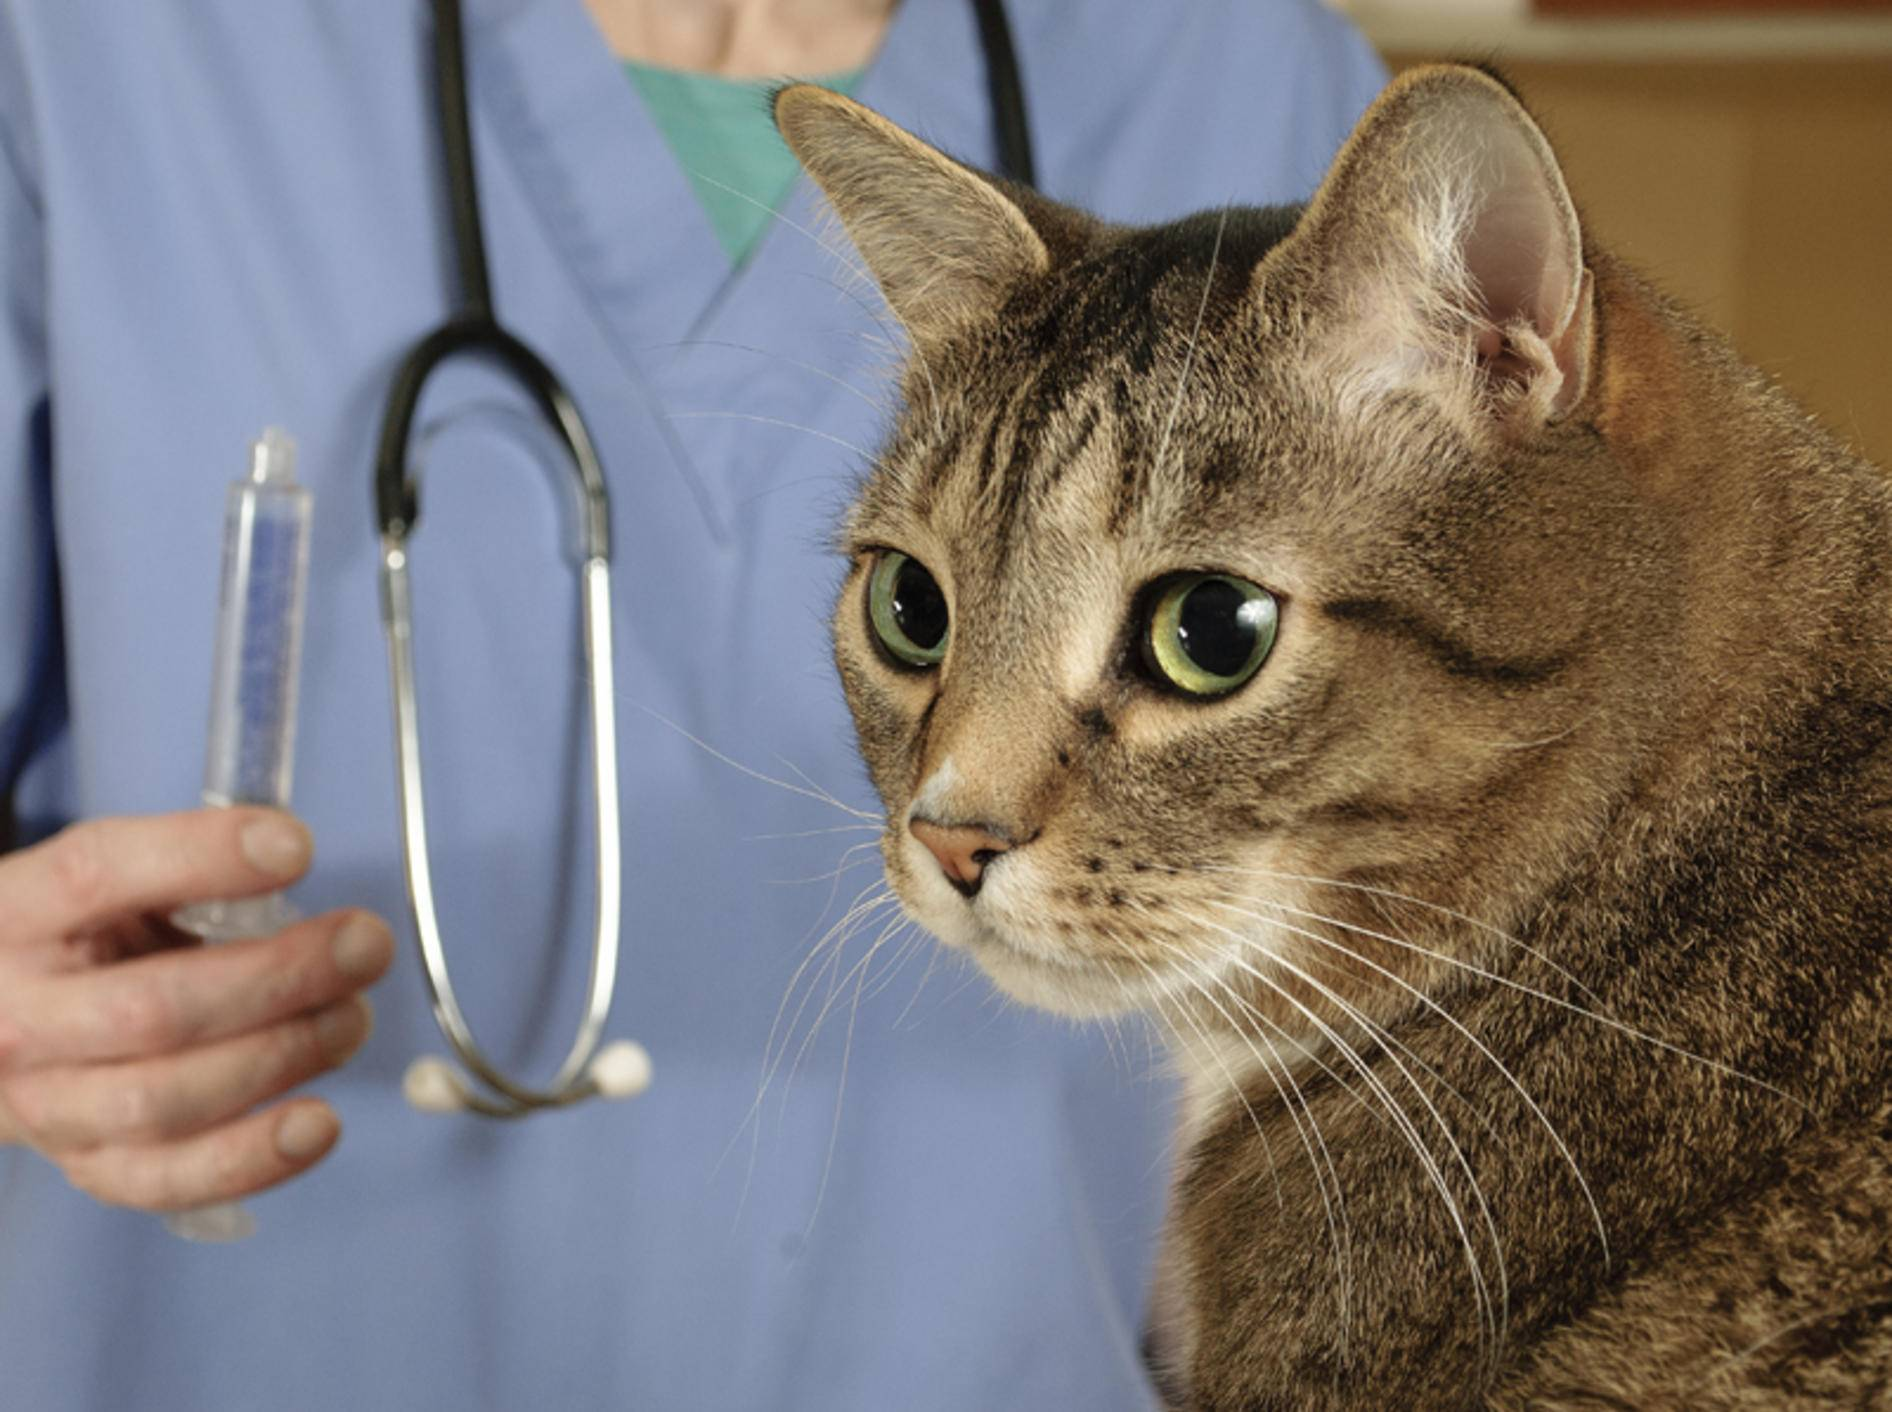 Bei einem Notfall muss die Katze sofort zum Tierarzt – Shutterstock / Mr. Nikon